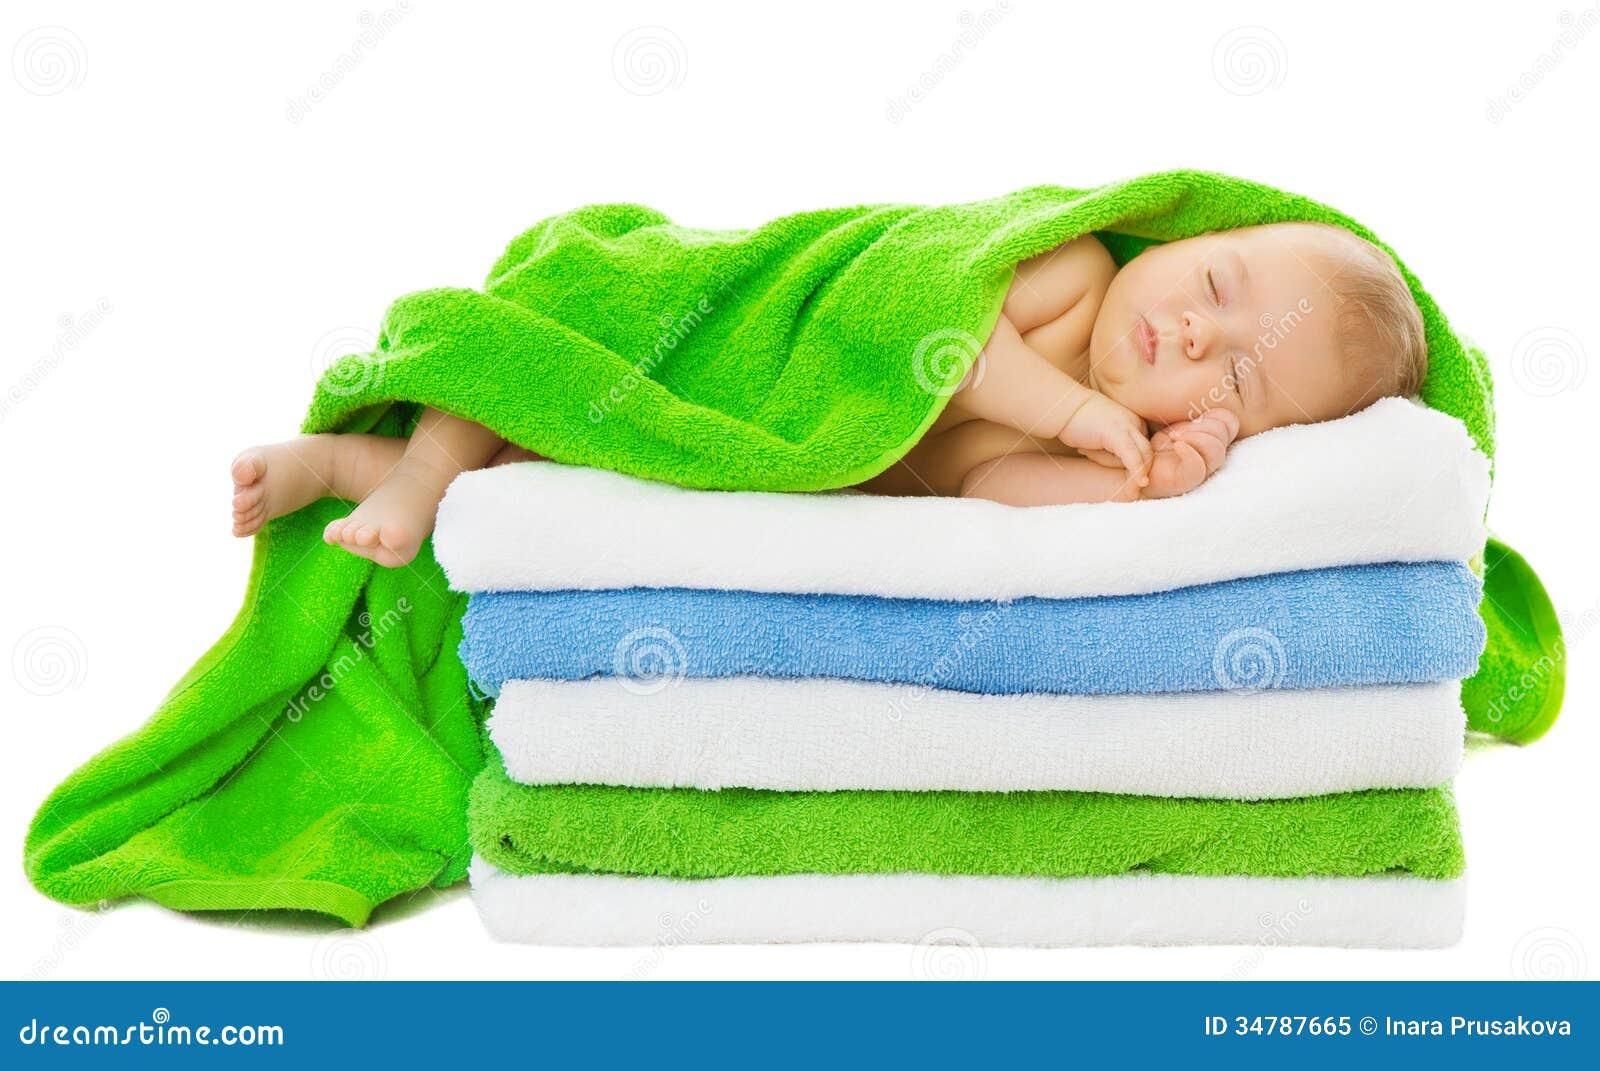 Baño En Tina Del Recien Nacido:El dormir recién nacido del bebé envuelto en toallas de baño sobre